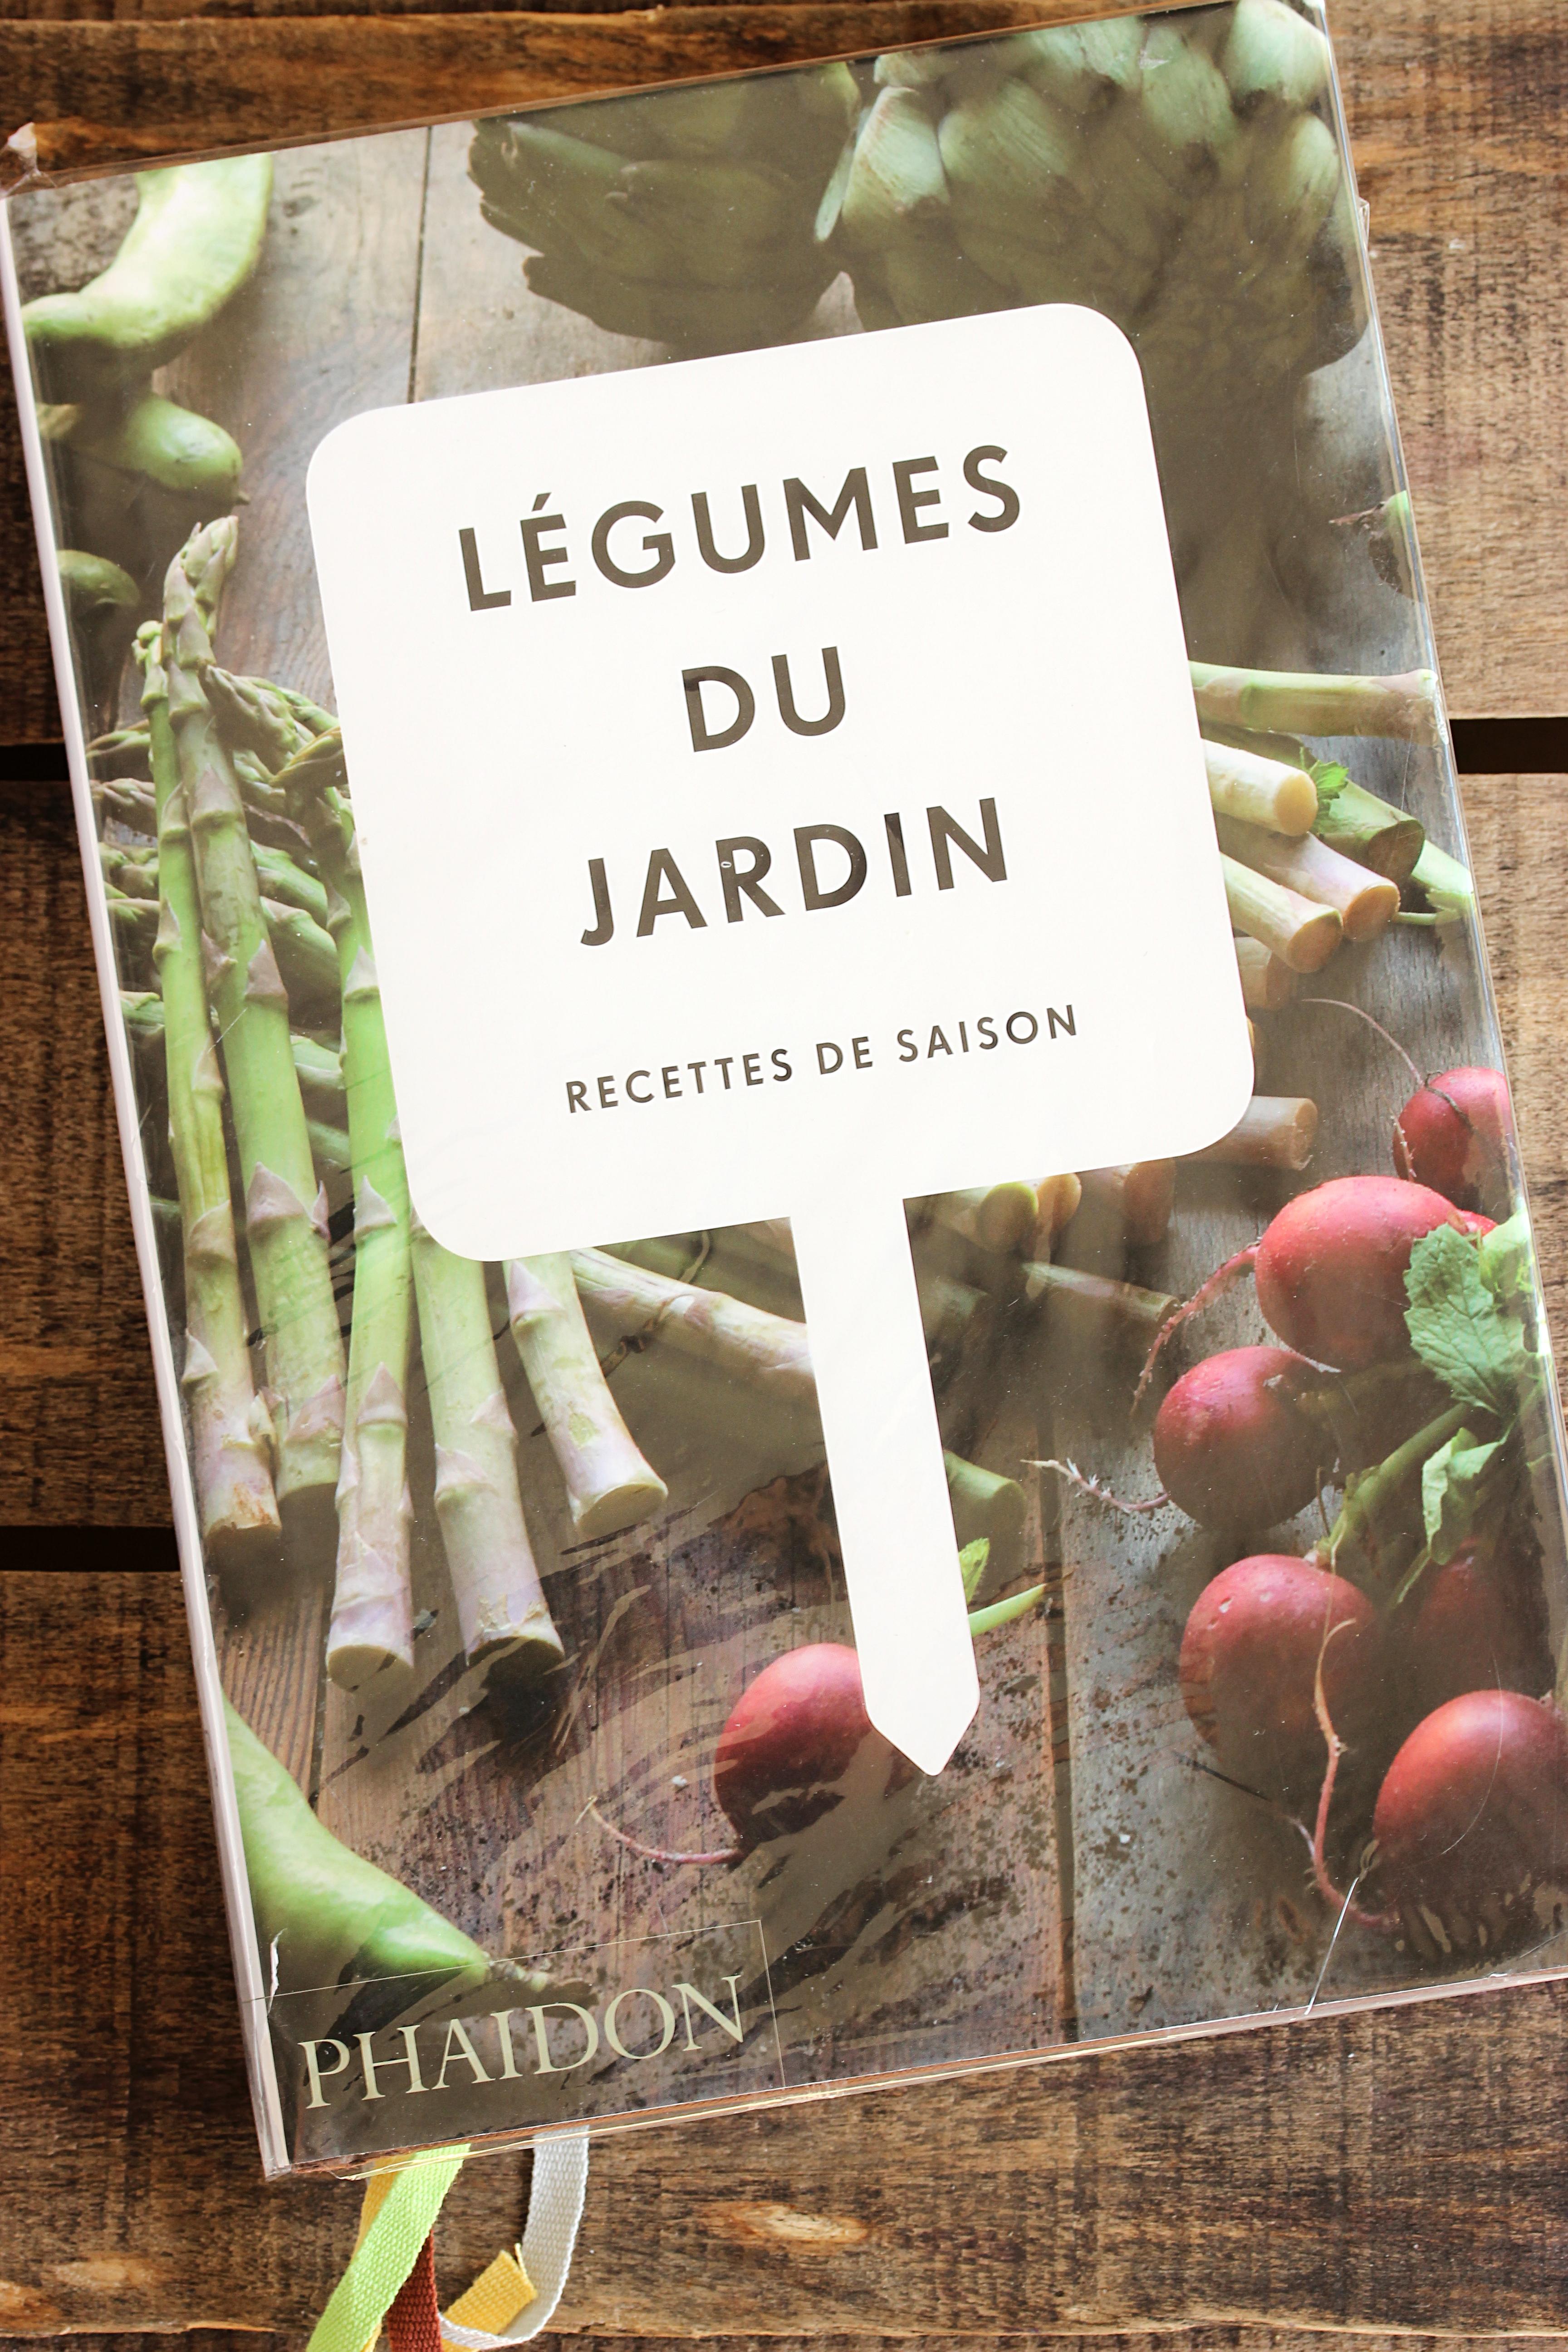 Legumes A Mettre Dans Le Jardin 8 livres de recettes pour cuisiner facilement les légumes